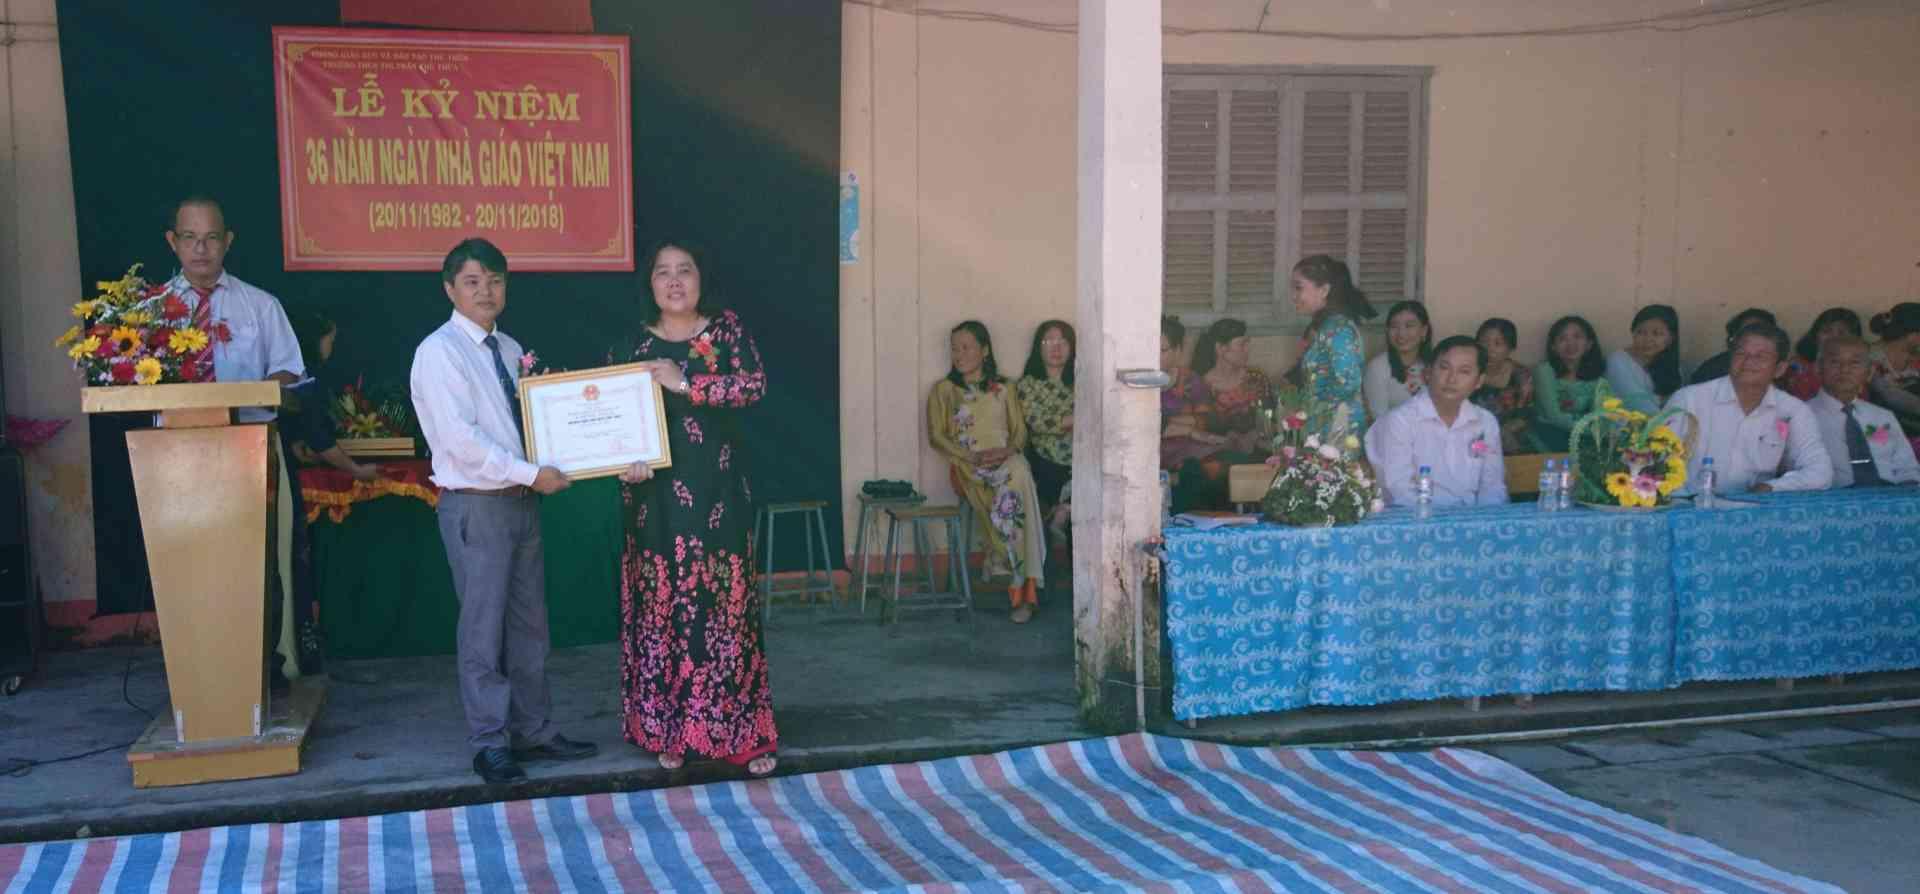 Trưởng Phòng GD&ĐT huyện ( bìa trái) trao bằng khen của UBND Tỉnh cho tập thể trường THCS Thị trấn Thủ Thừa